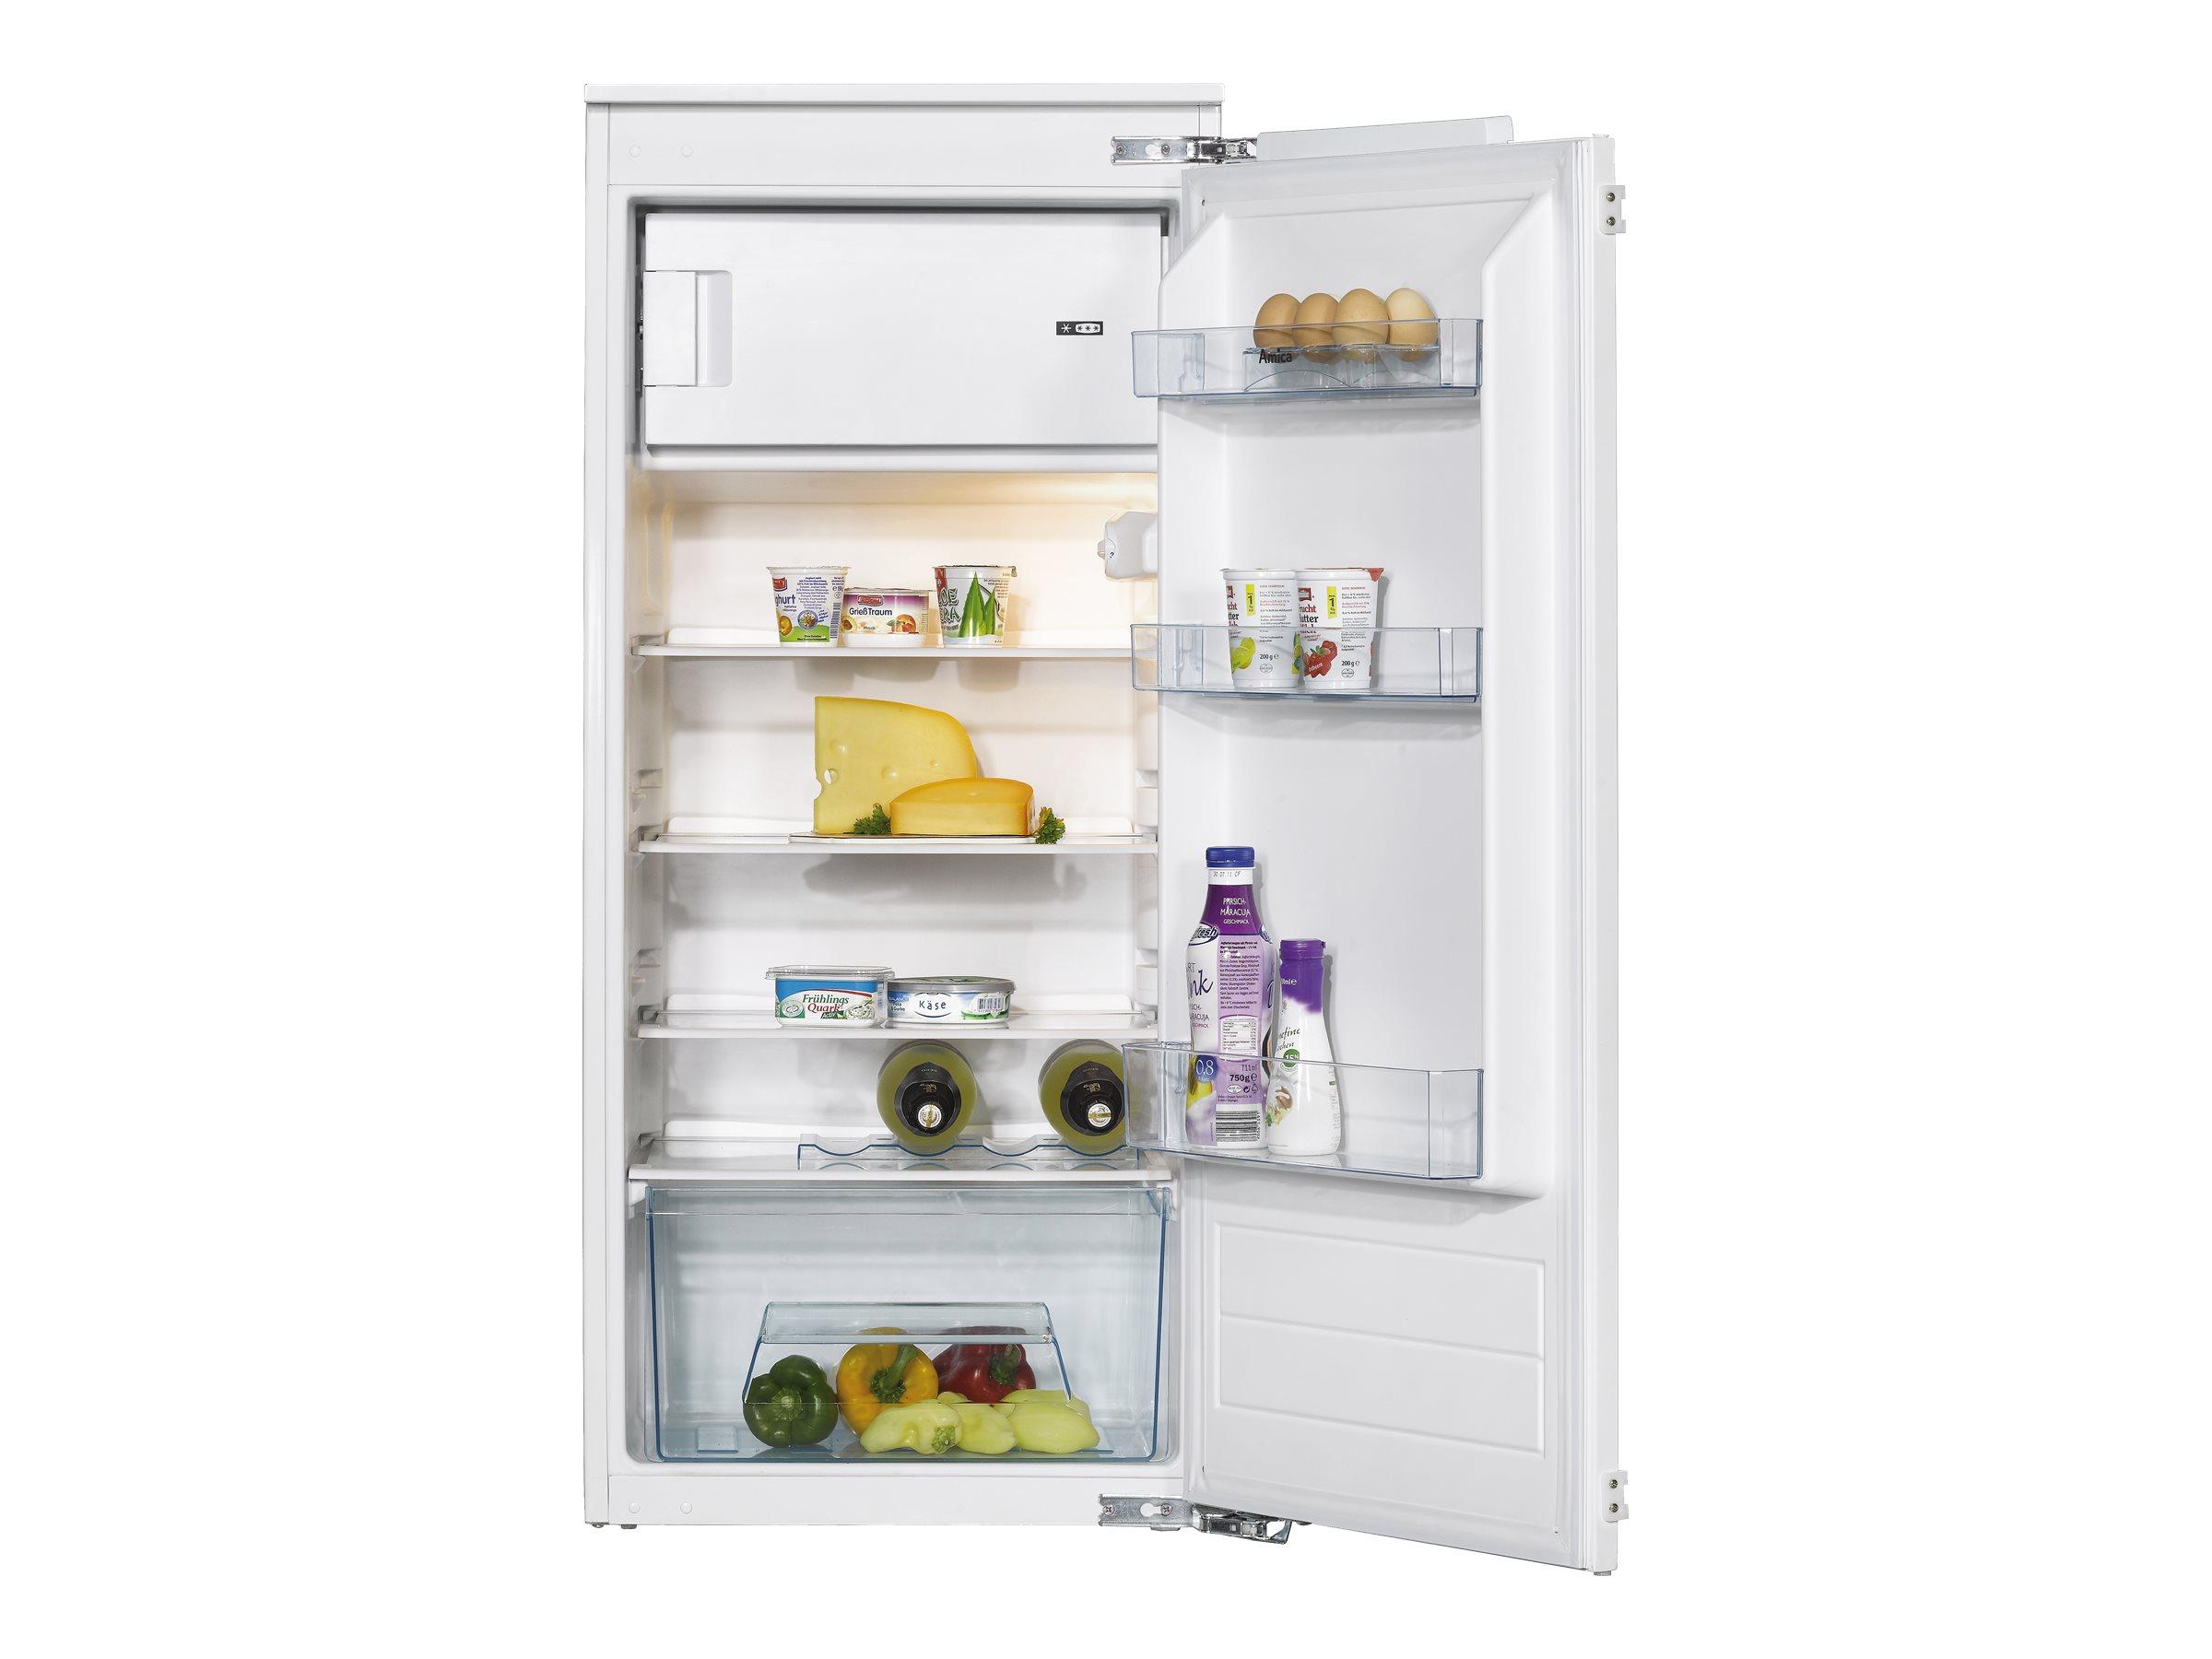 Amica Retro Kühlschrank Test : Amica kühlschrank fehler: gorenje retro kühlschrank grün in berlin